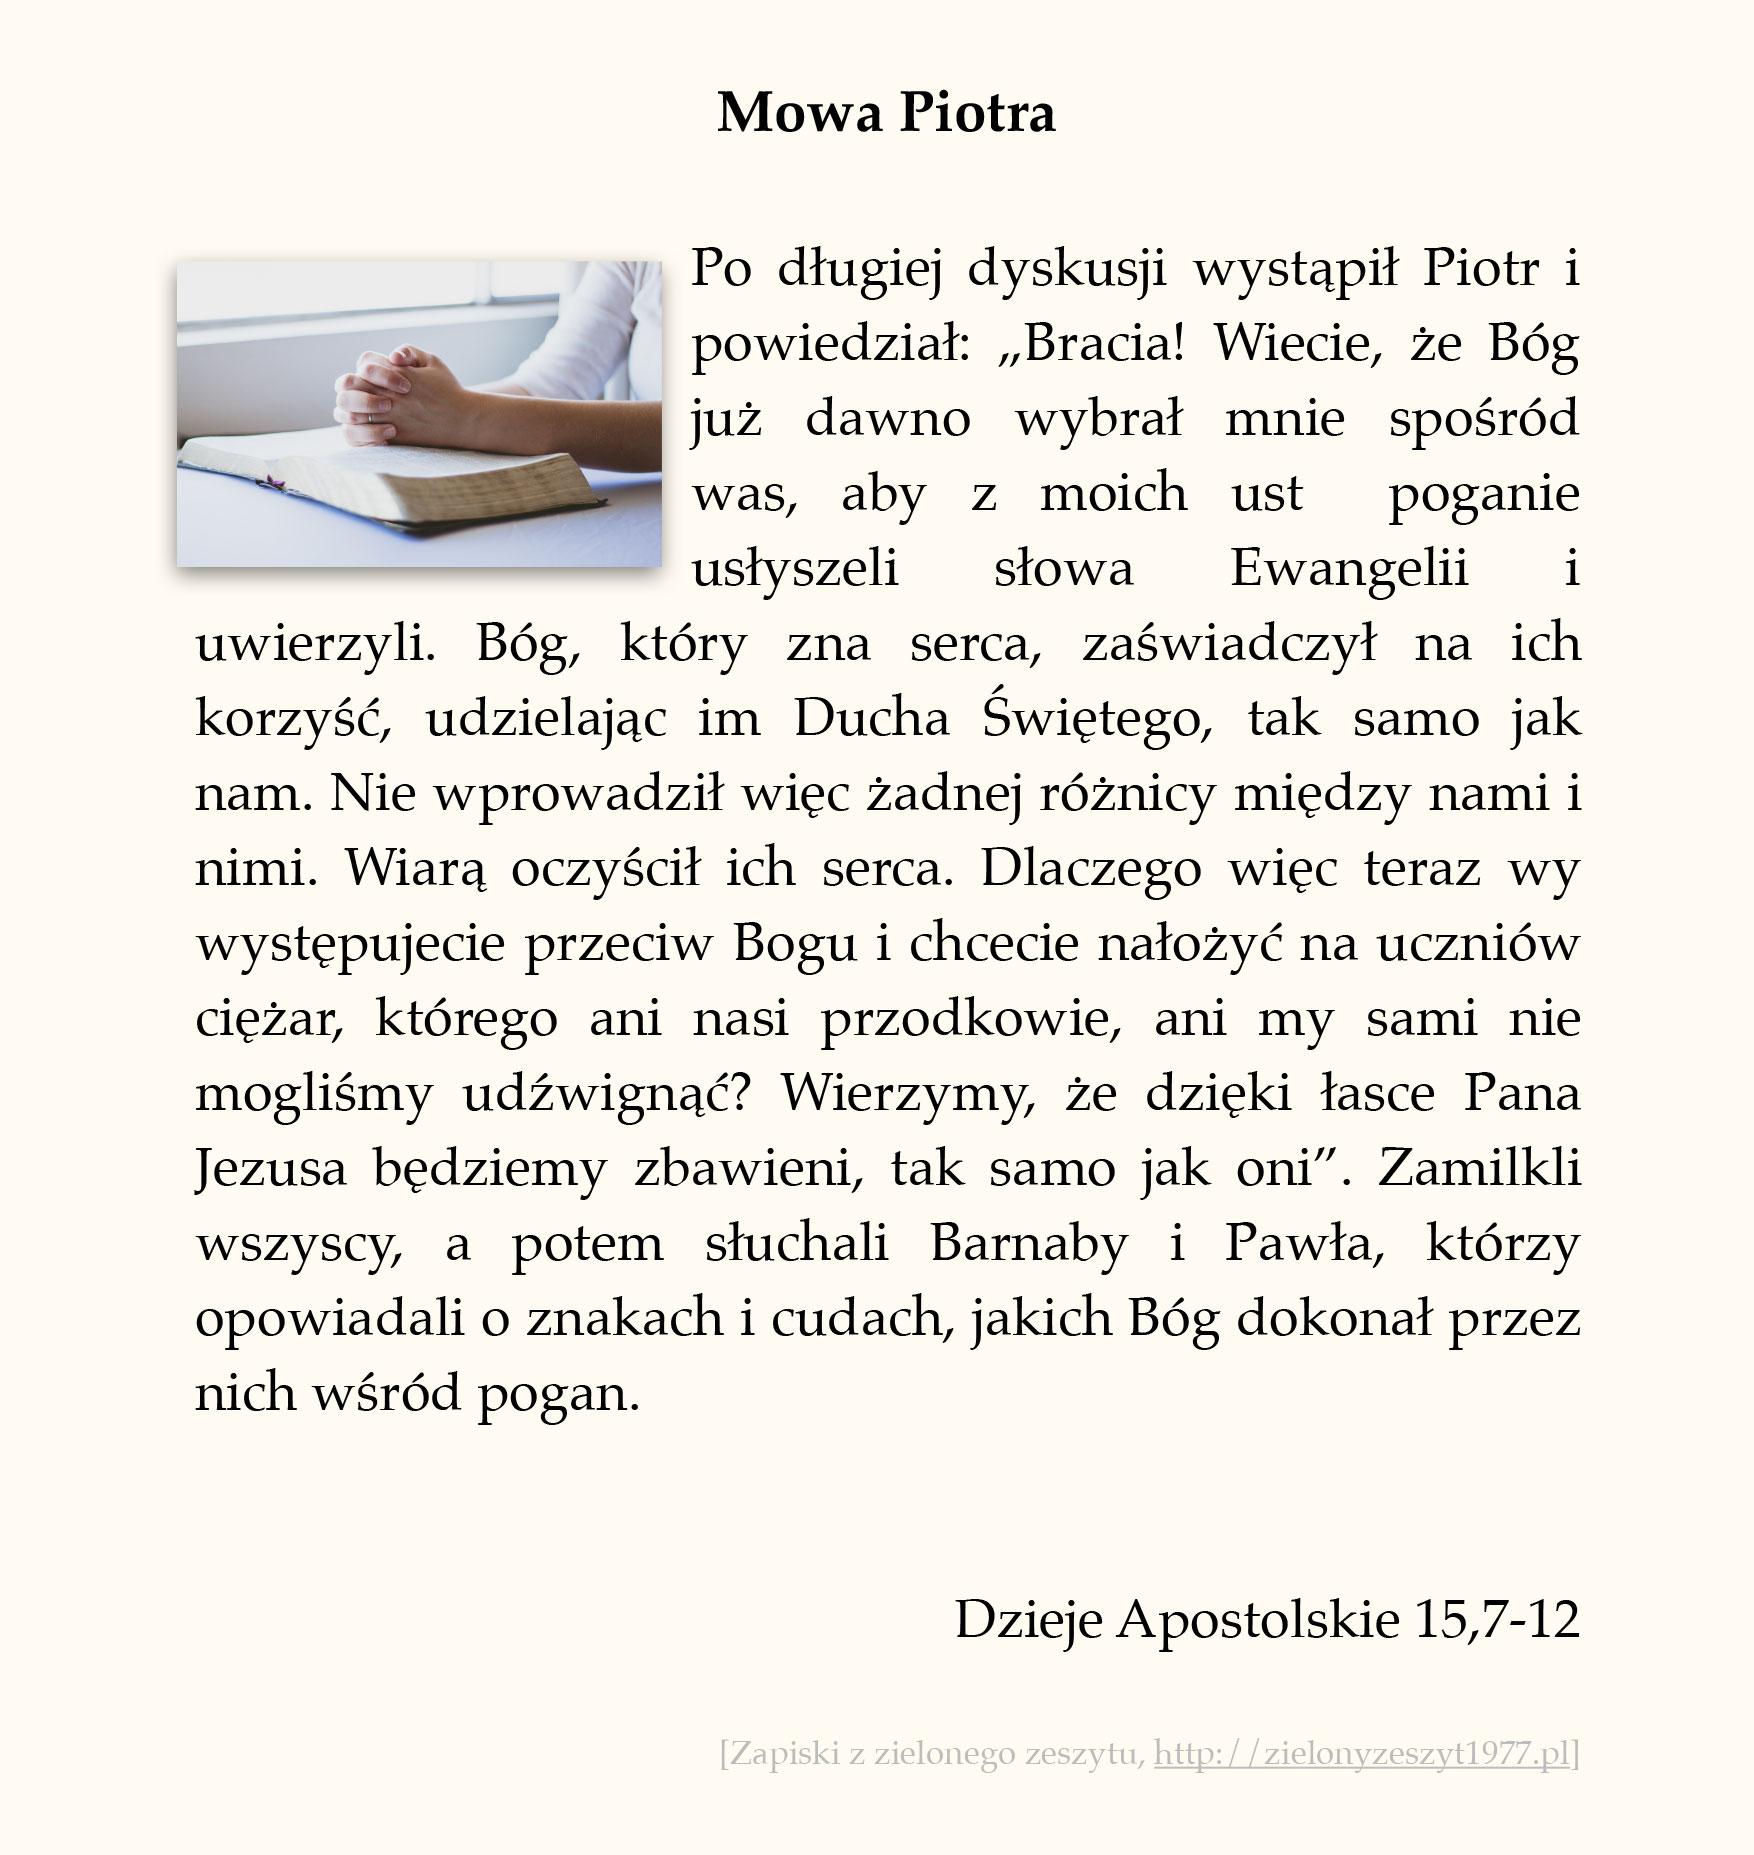 Mowa Piotra; Dzieje Apostolskie (#66)